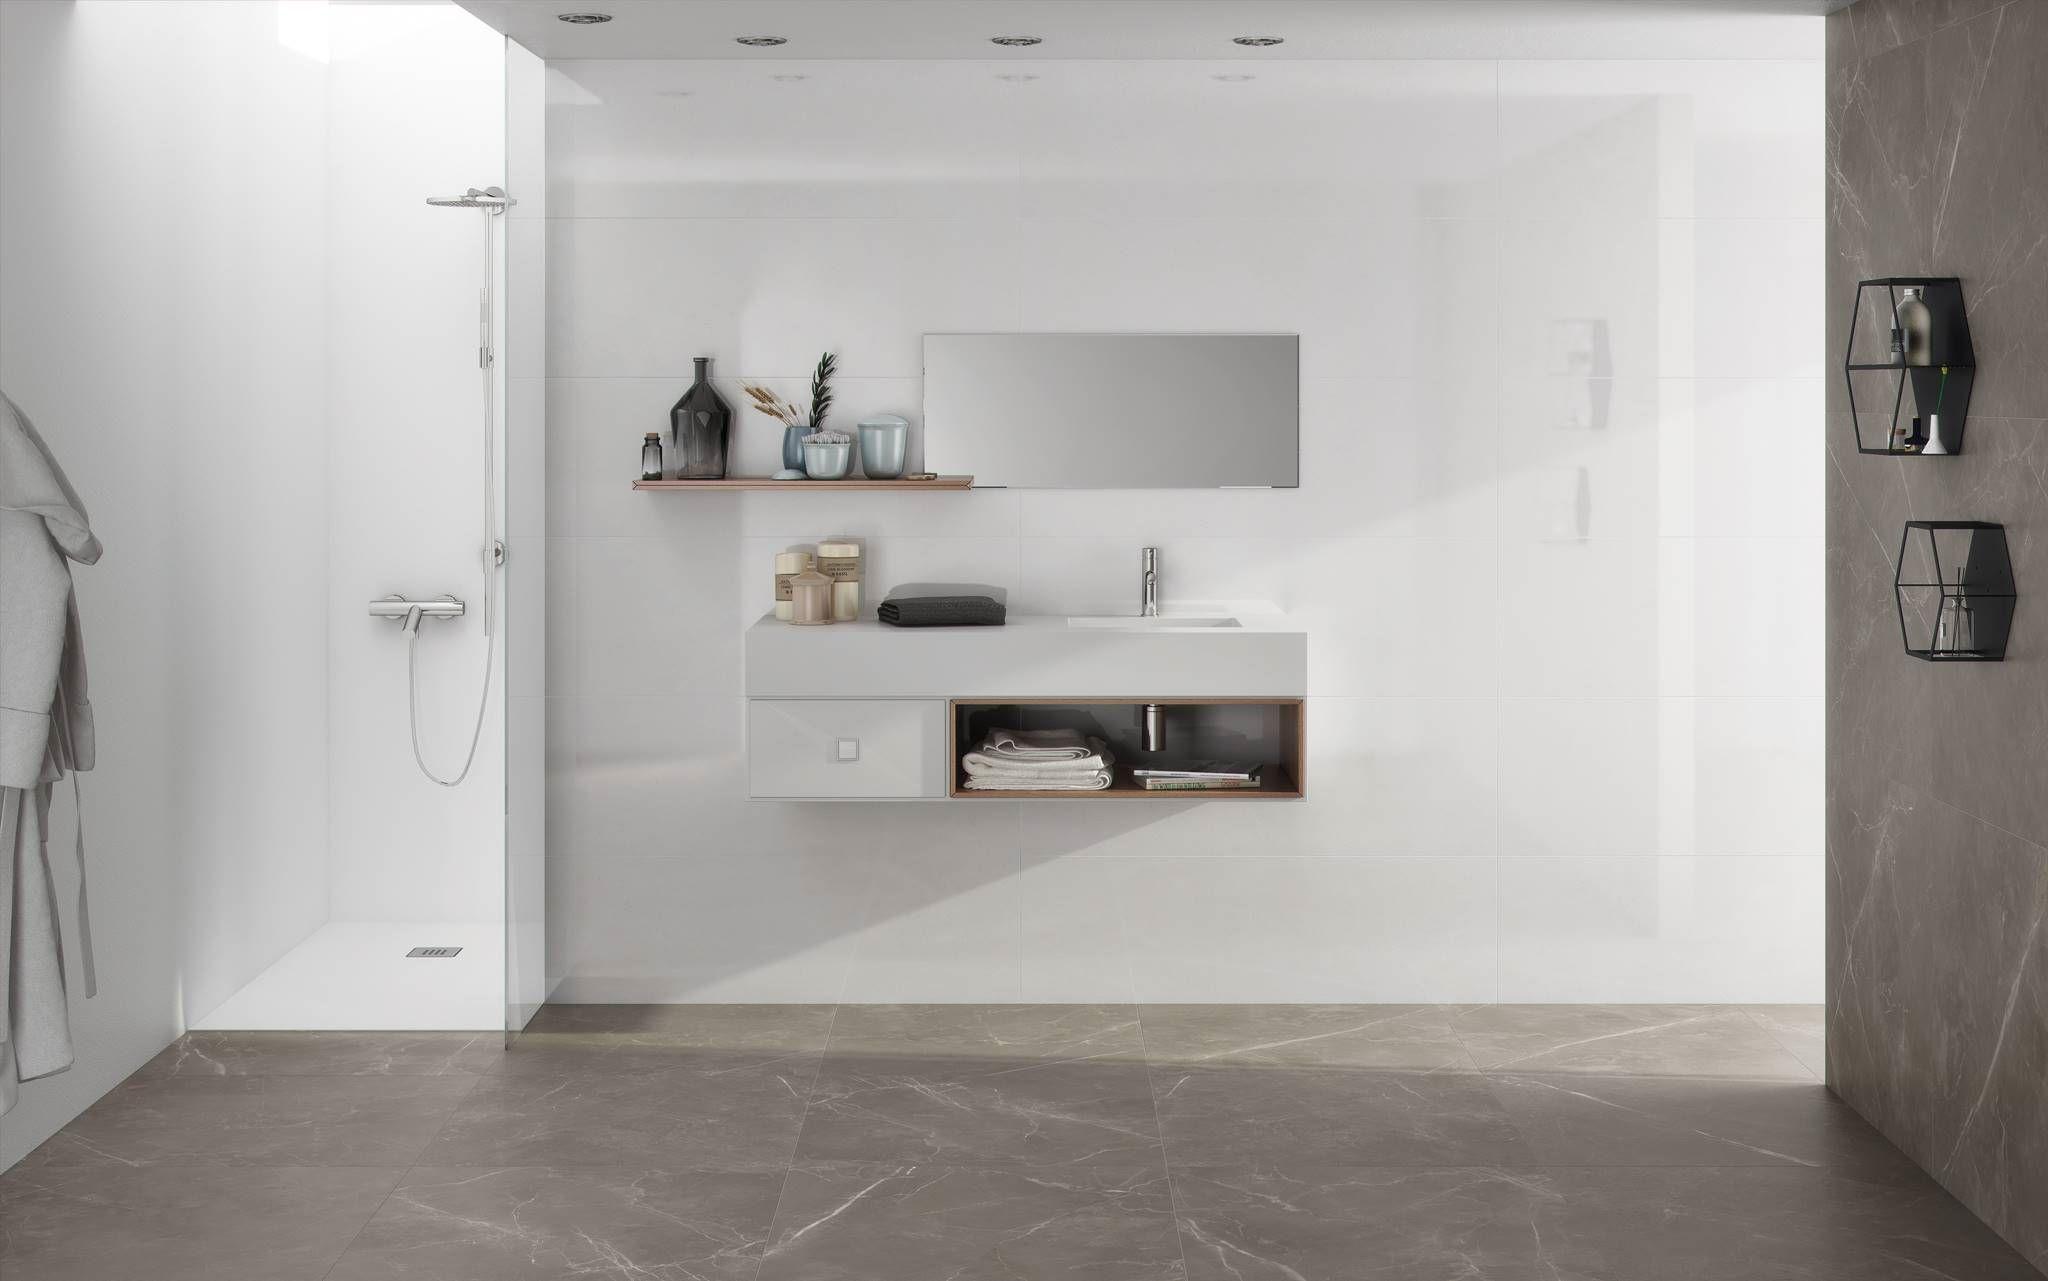 Best Wandtegels Badkamer Praxis Photos - New Home Design 2018 ...